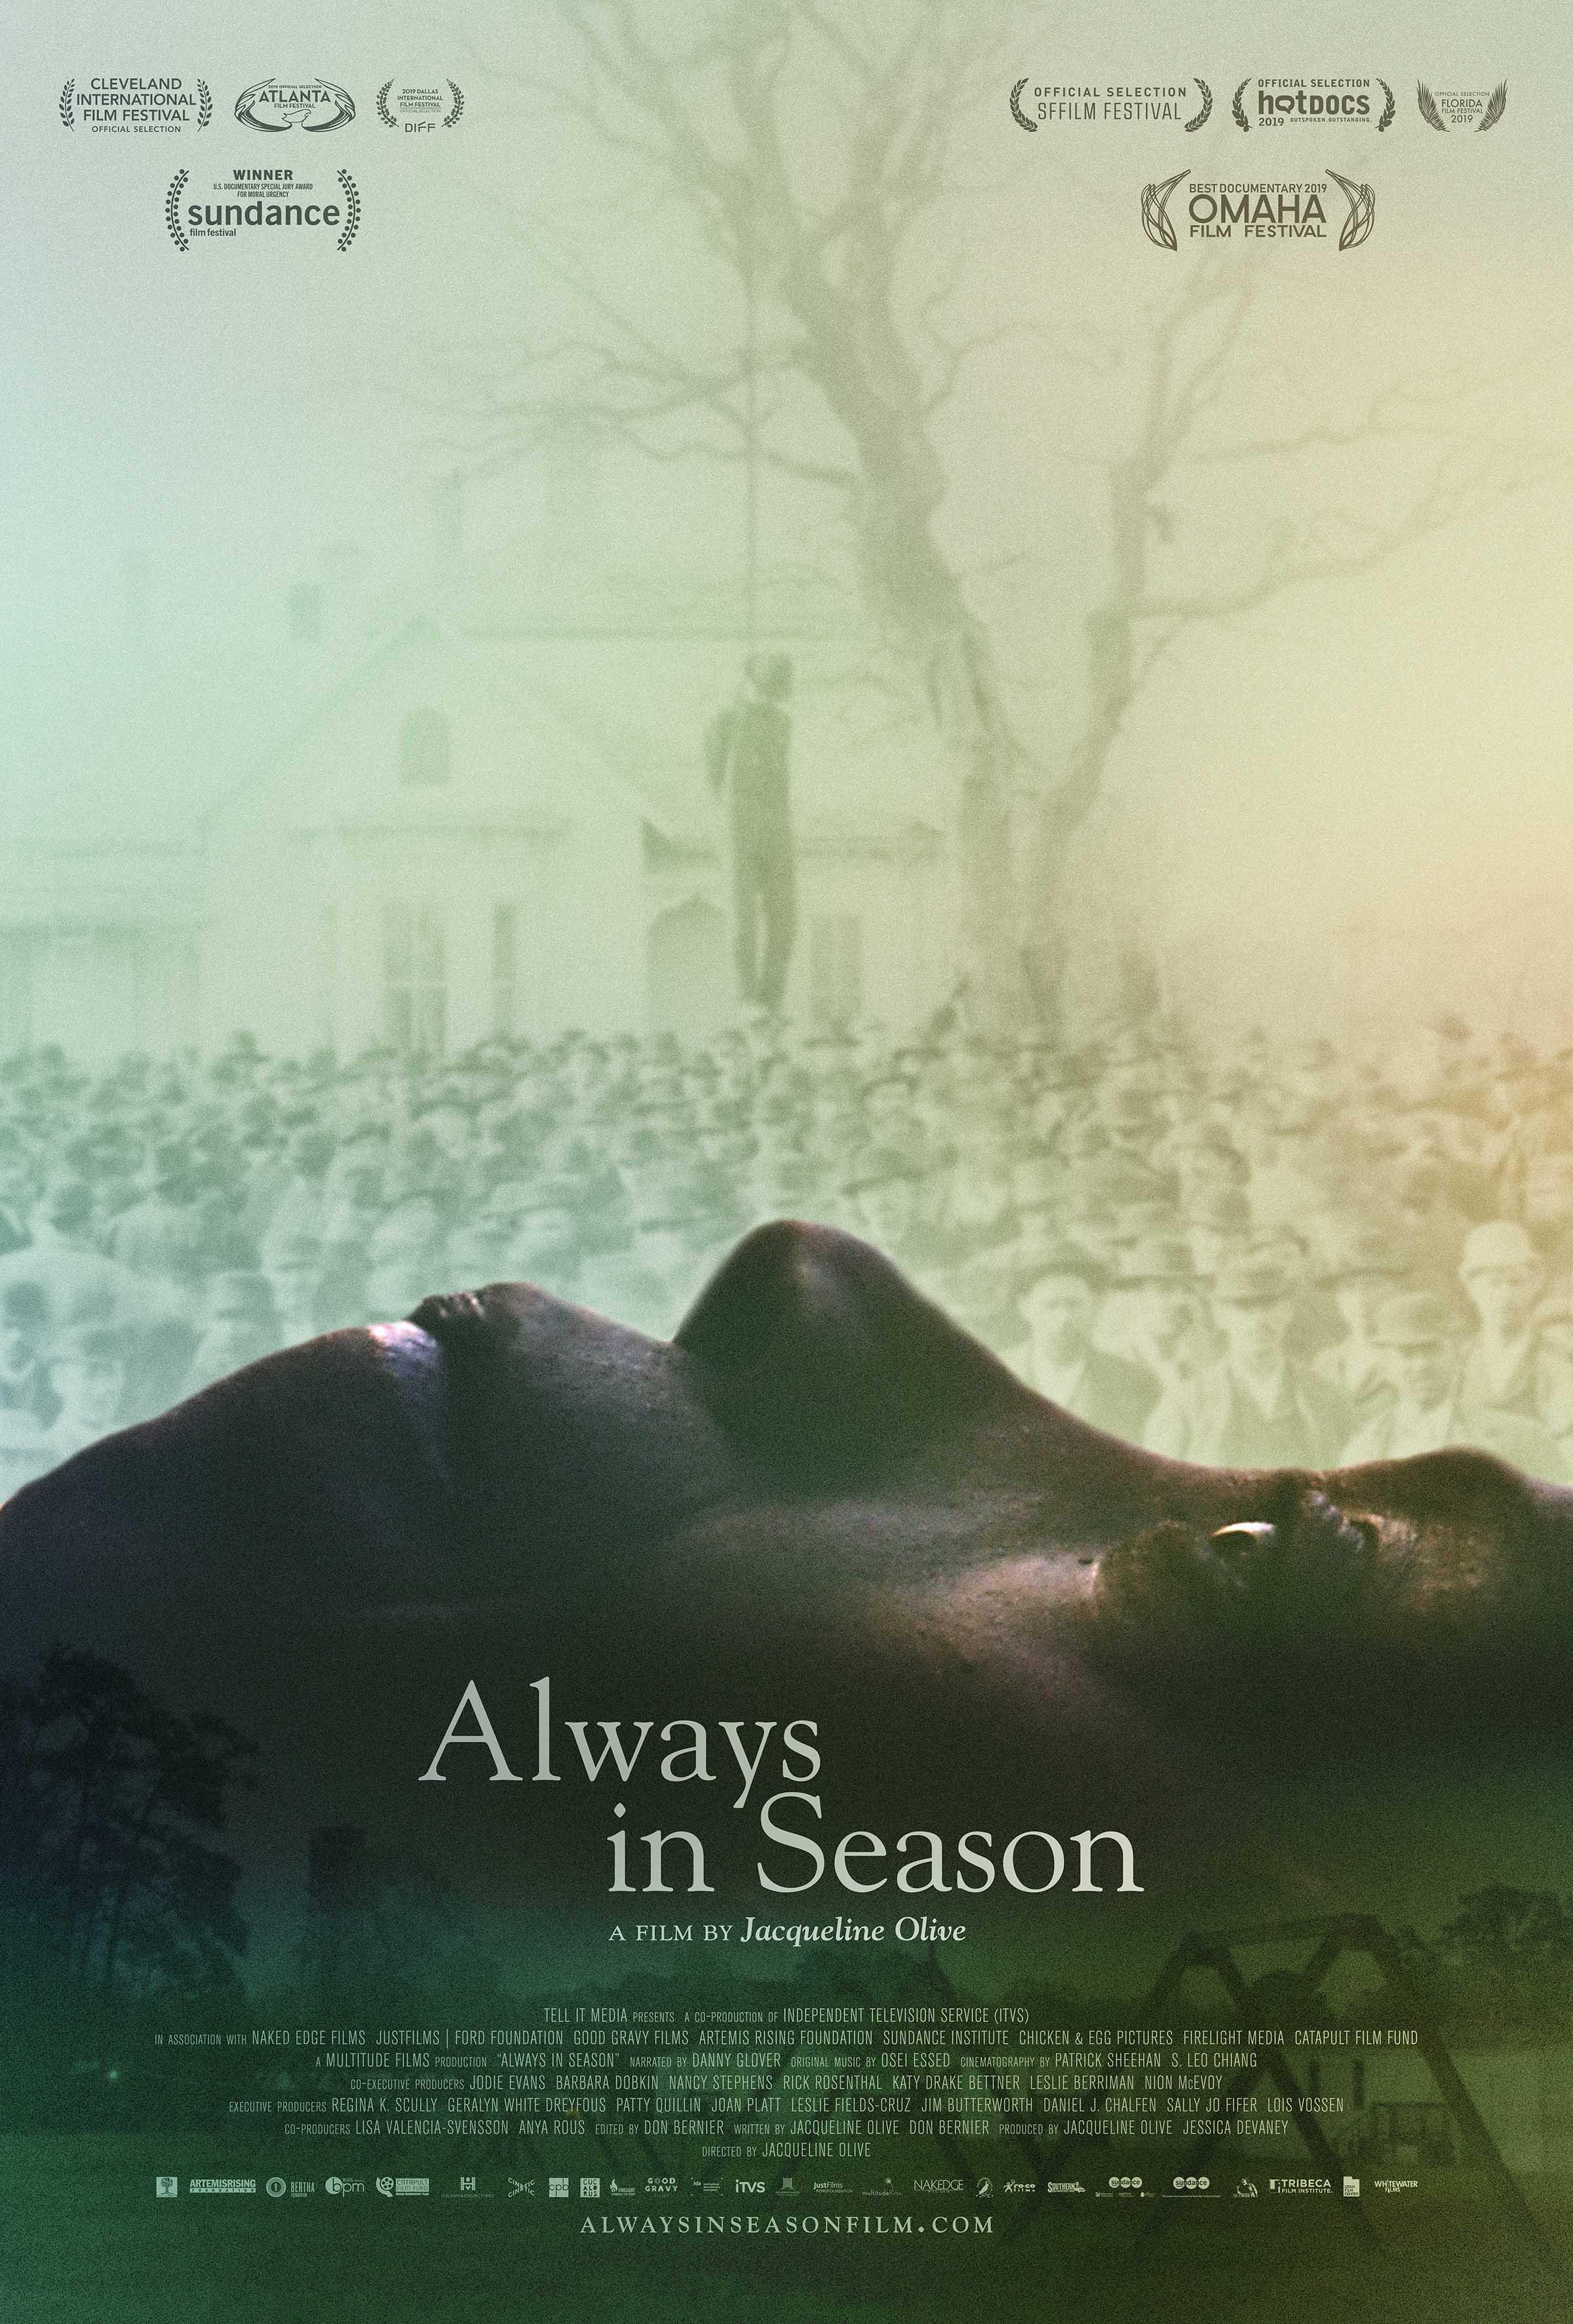 Always in Season - Official Poster (Updated laurels).jpg